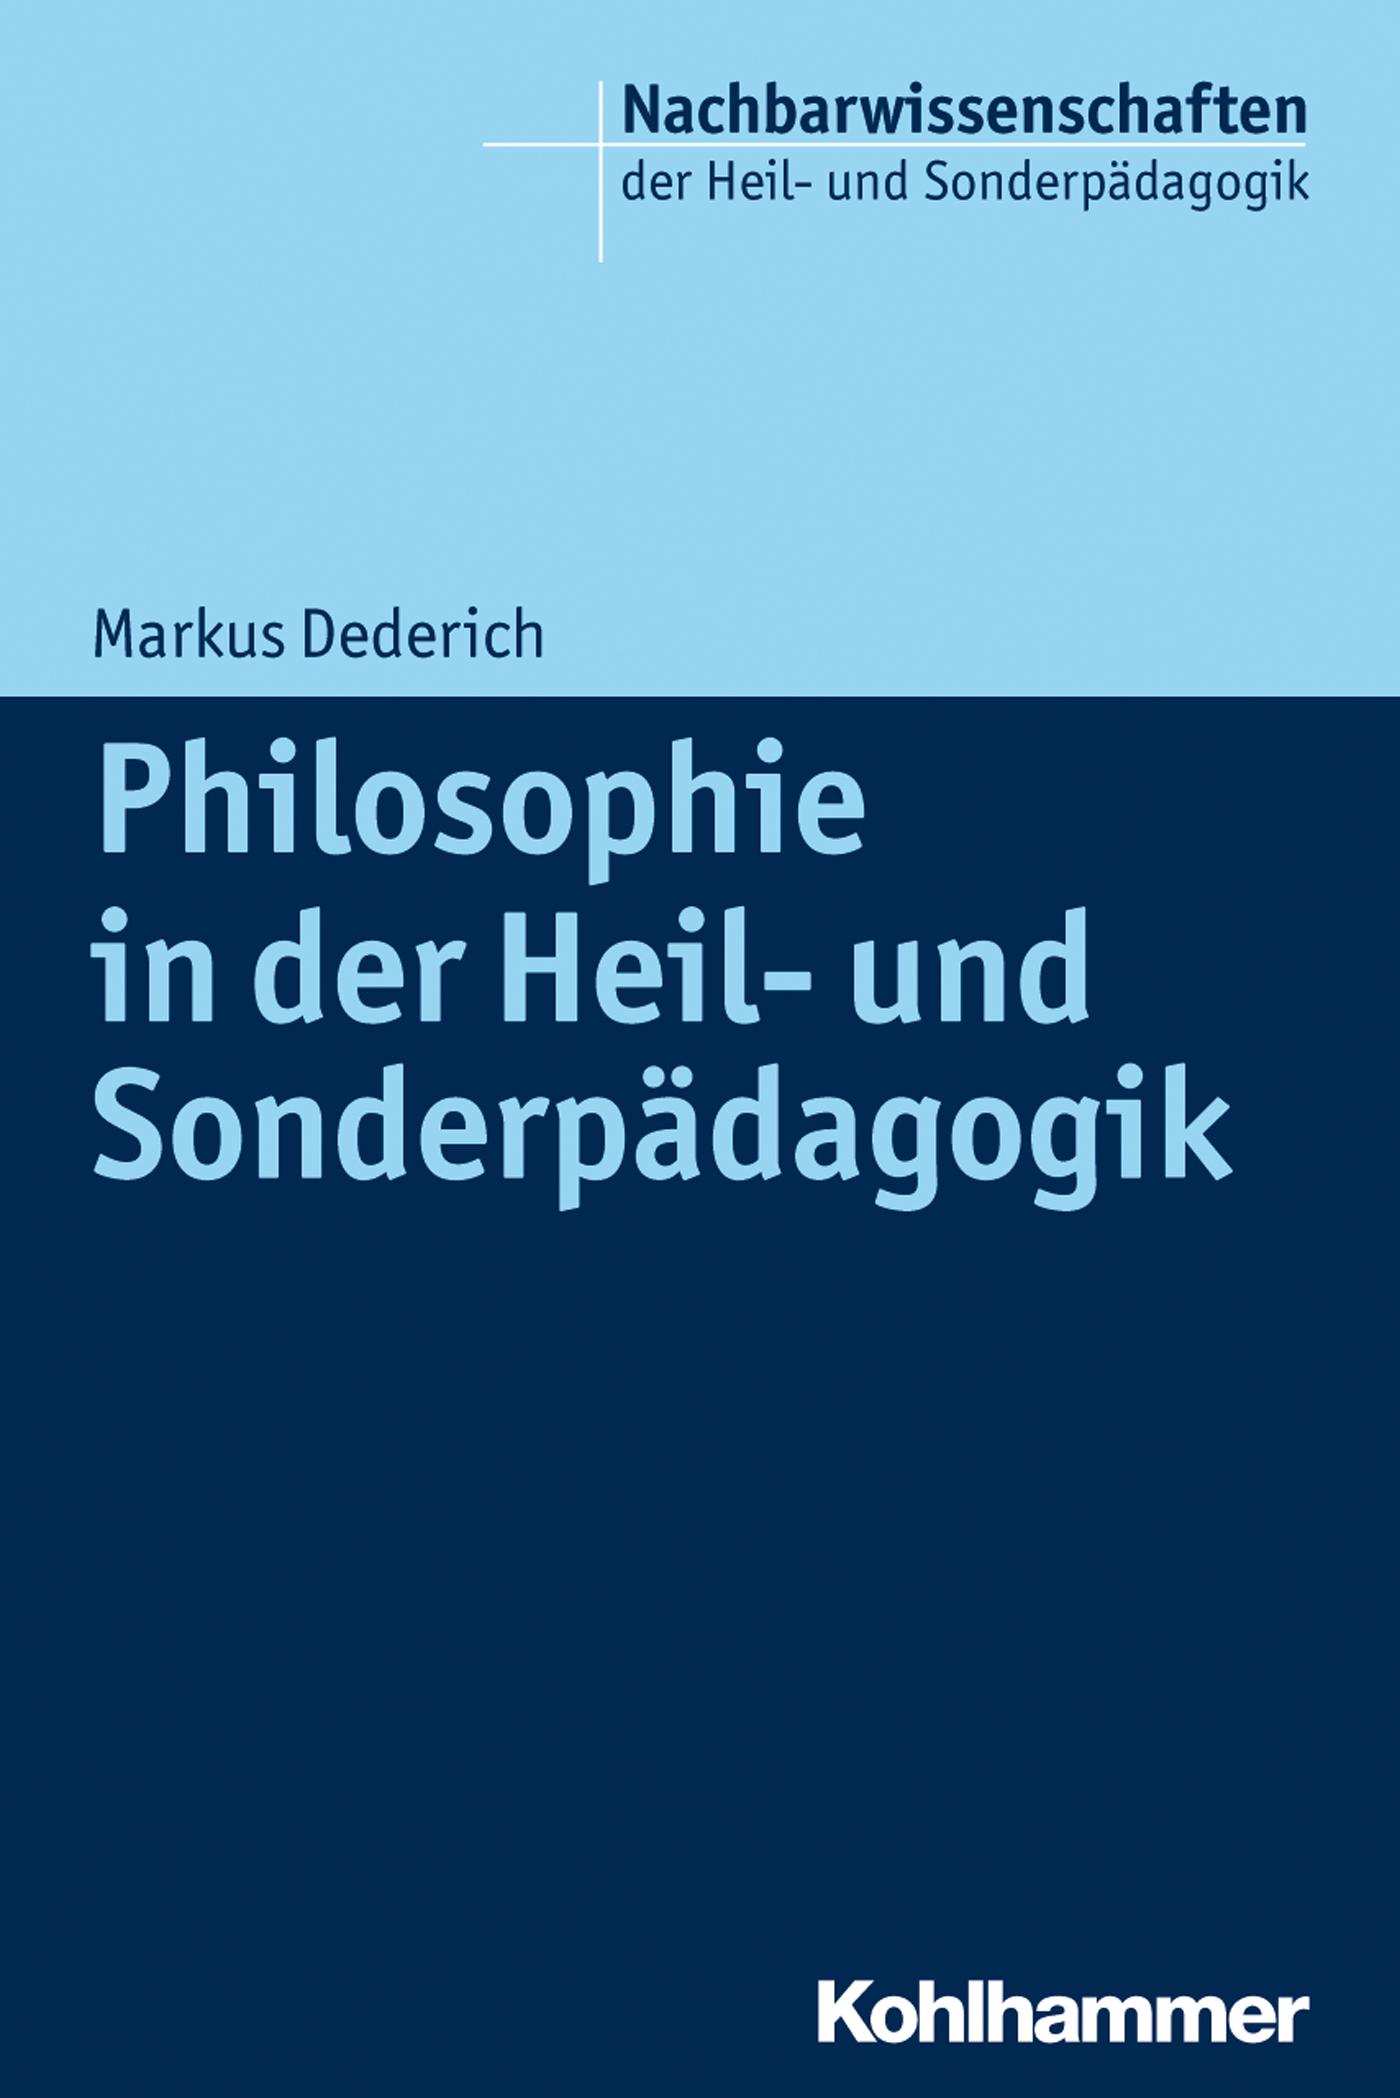 Markus Dederich Philosophie in der Heil- und Sonderpädagogik